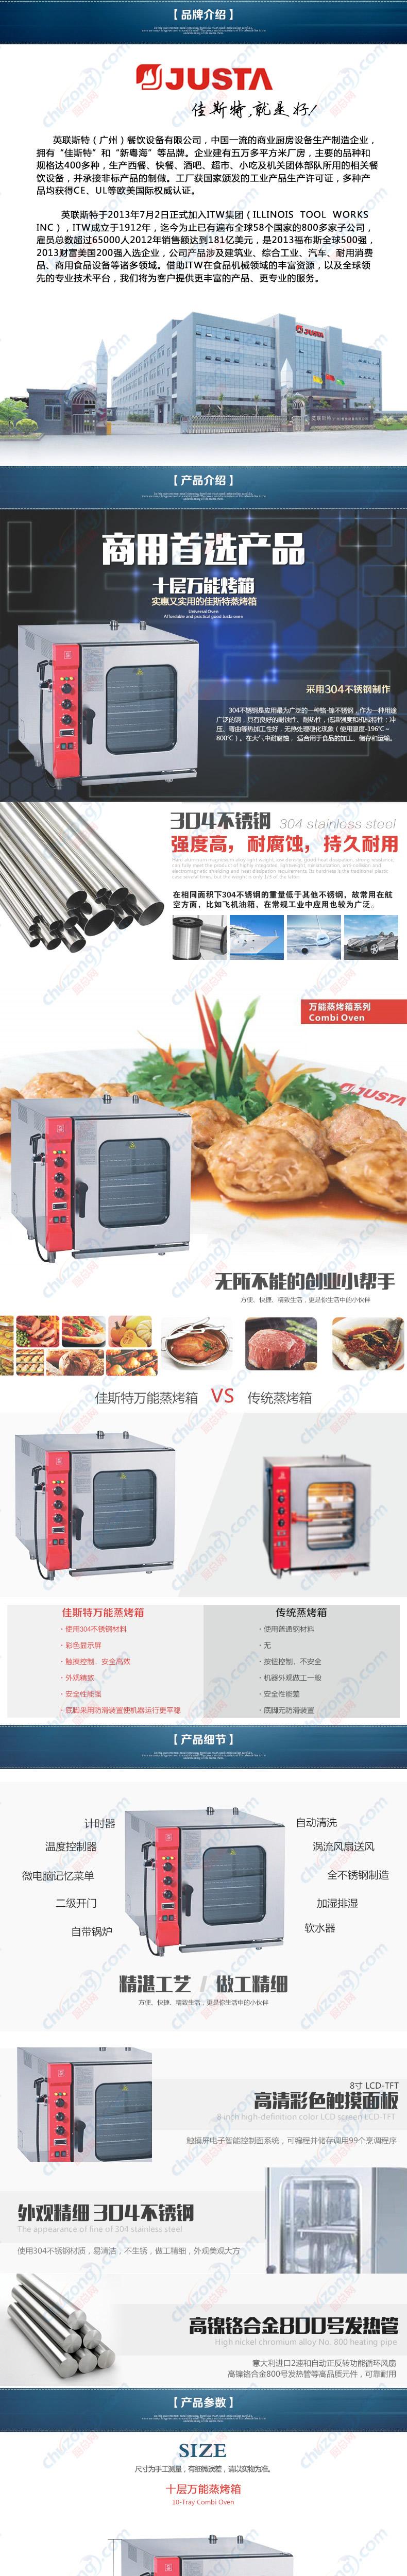 佳斯特蒸烤箱,十层机械版蒸烤箱,燃气蒸烤箱,QWR-10-11-H